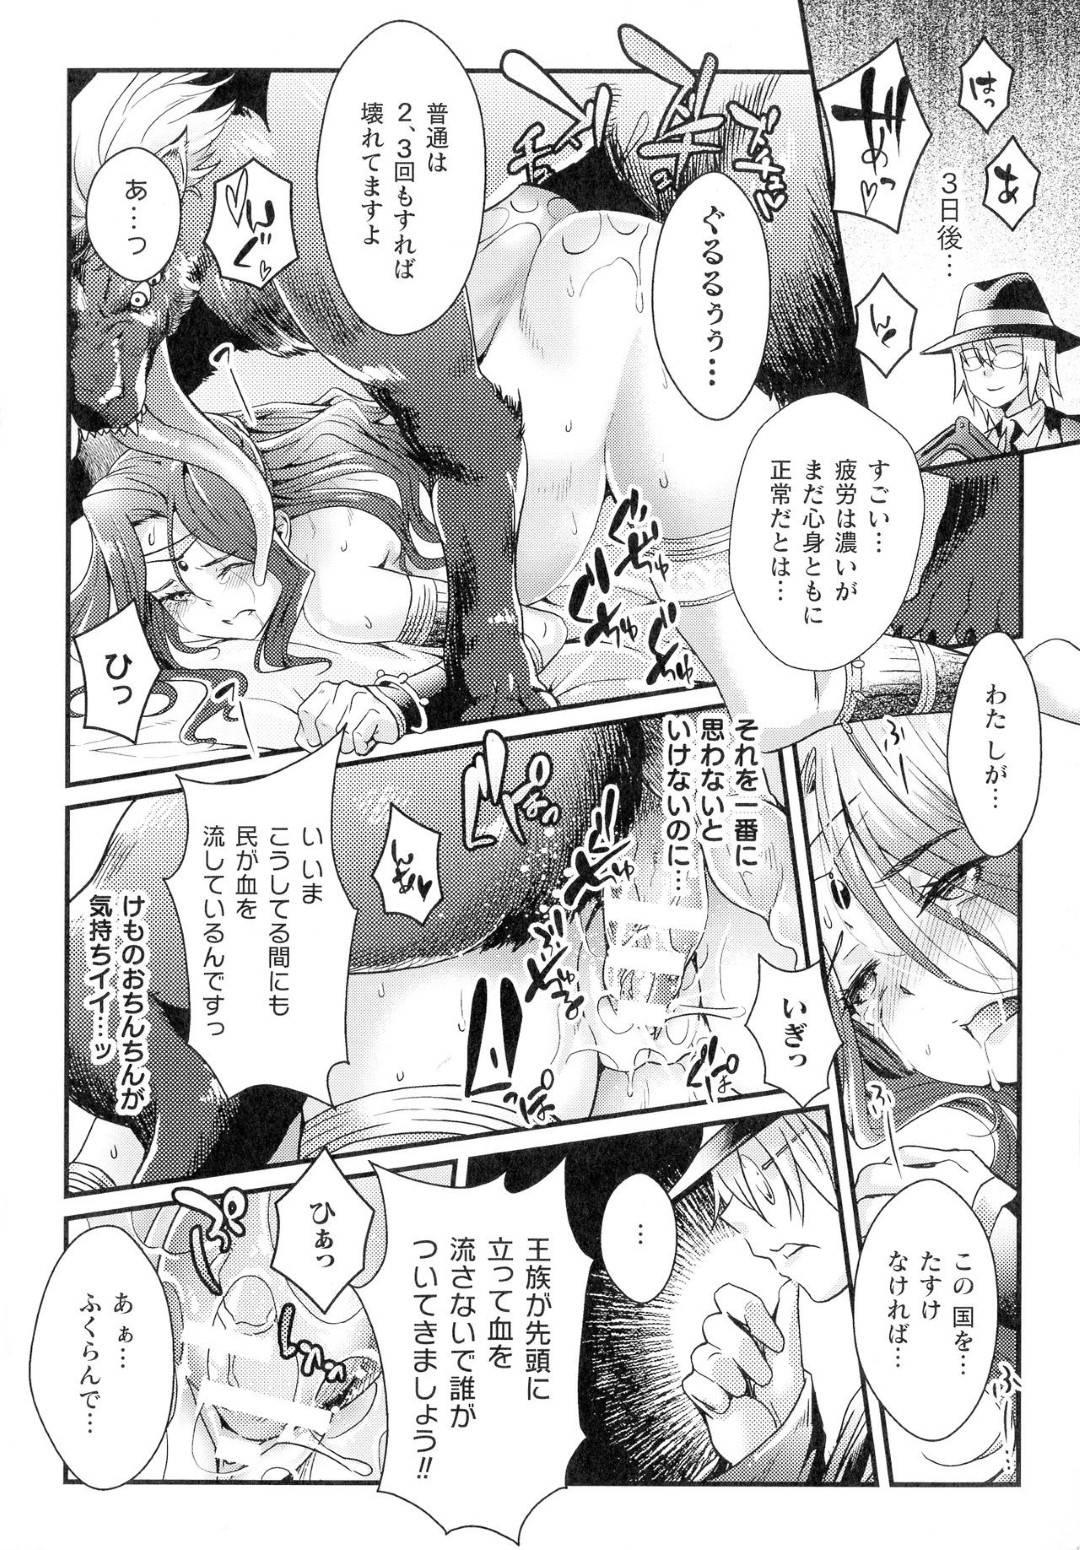 【異種姦孕ませエロ漫画】内紛状態にある王国の戦況を収拾するためユー姫は自ら生物兵器と孕ませ中出しセックスする【ジンナイ】